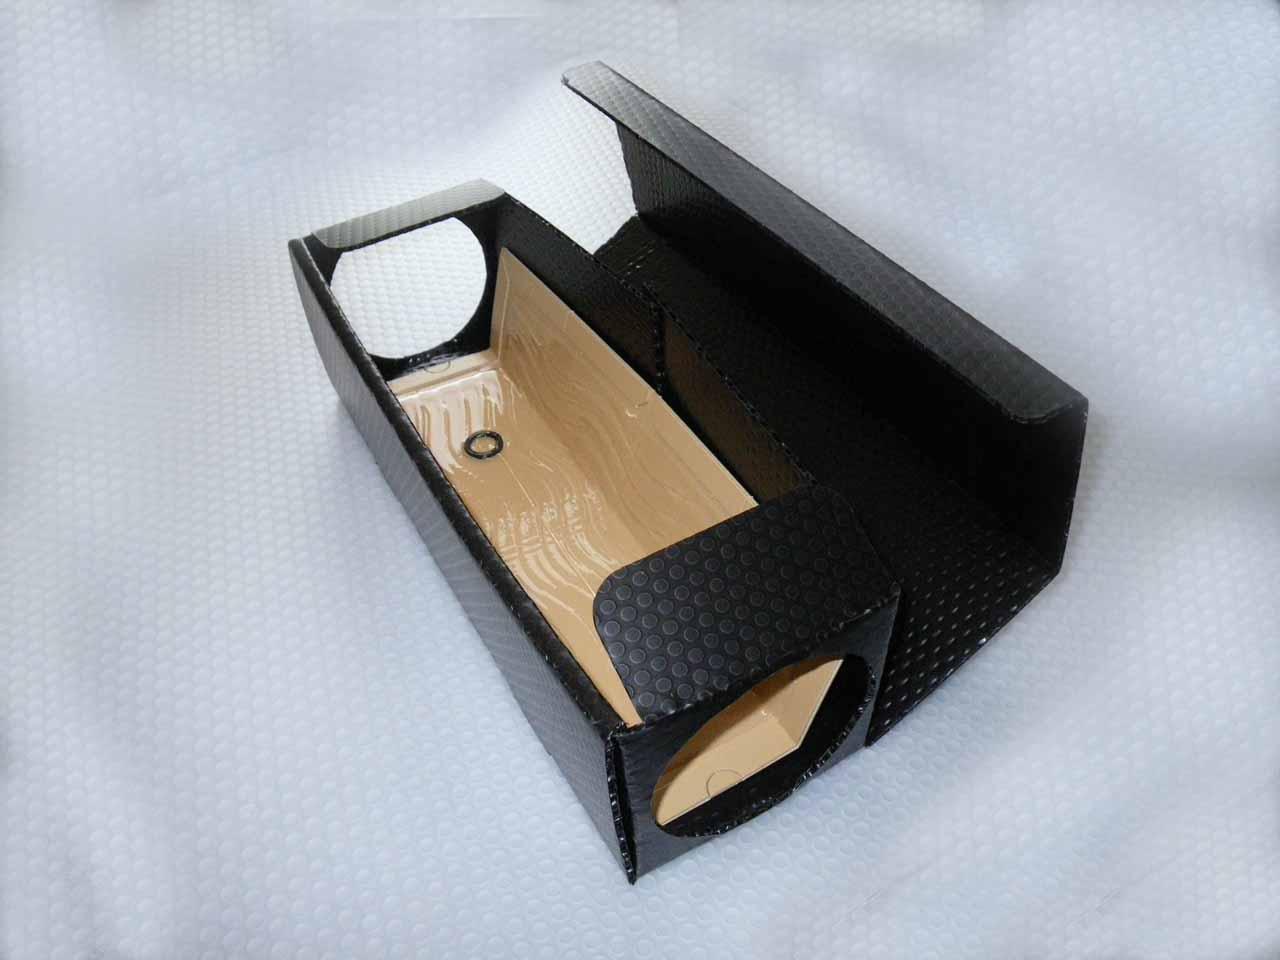 プラスチックシート製 粘着捕獲板を装填